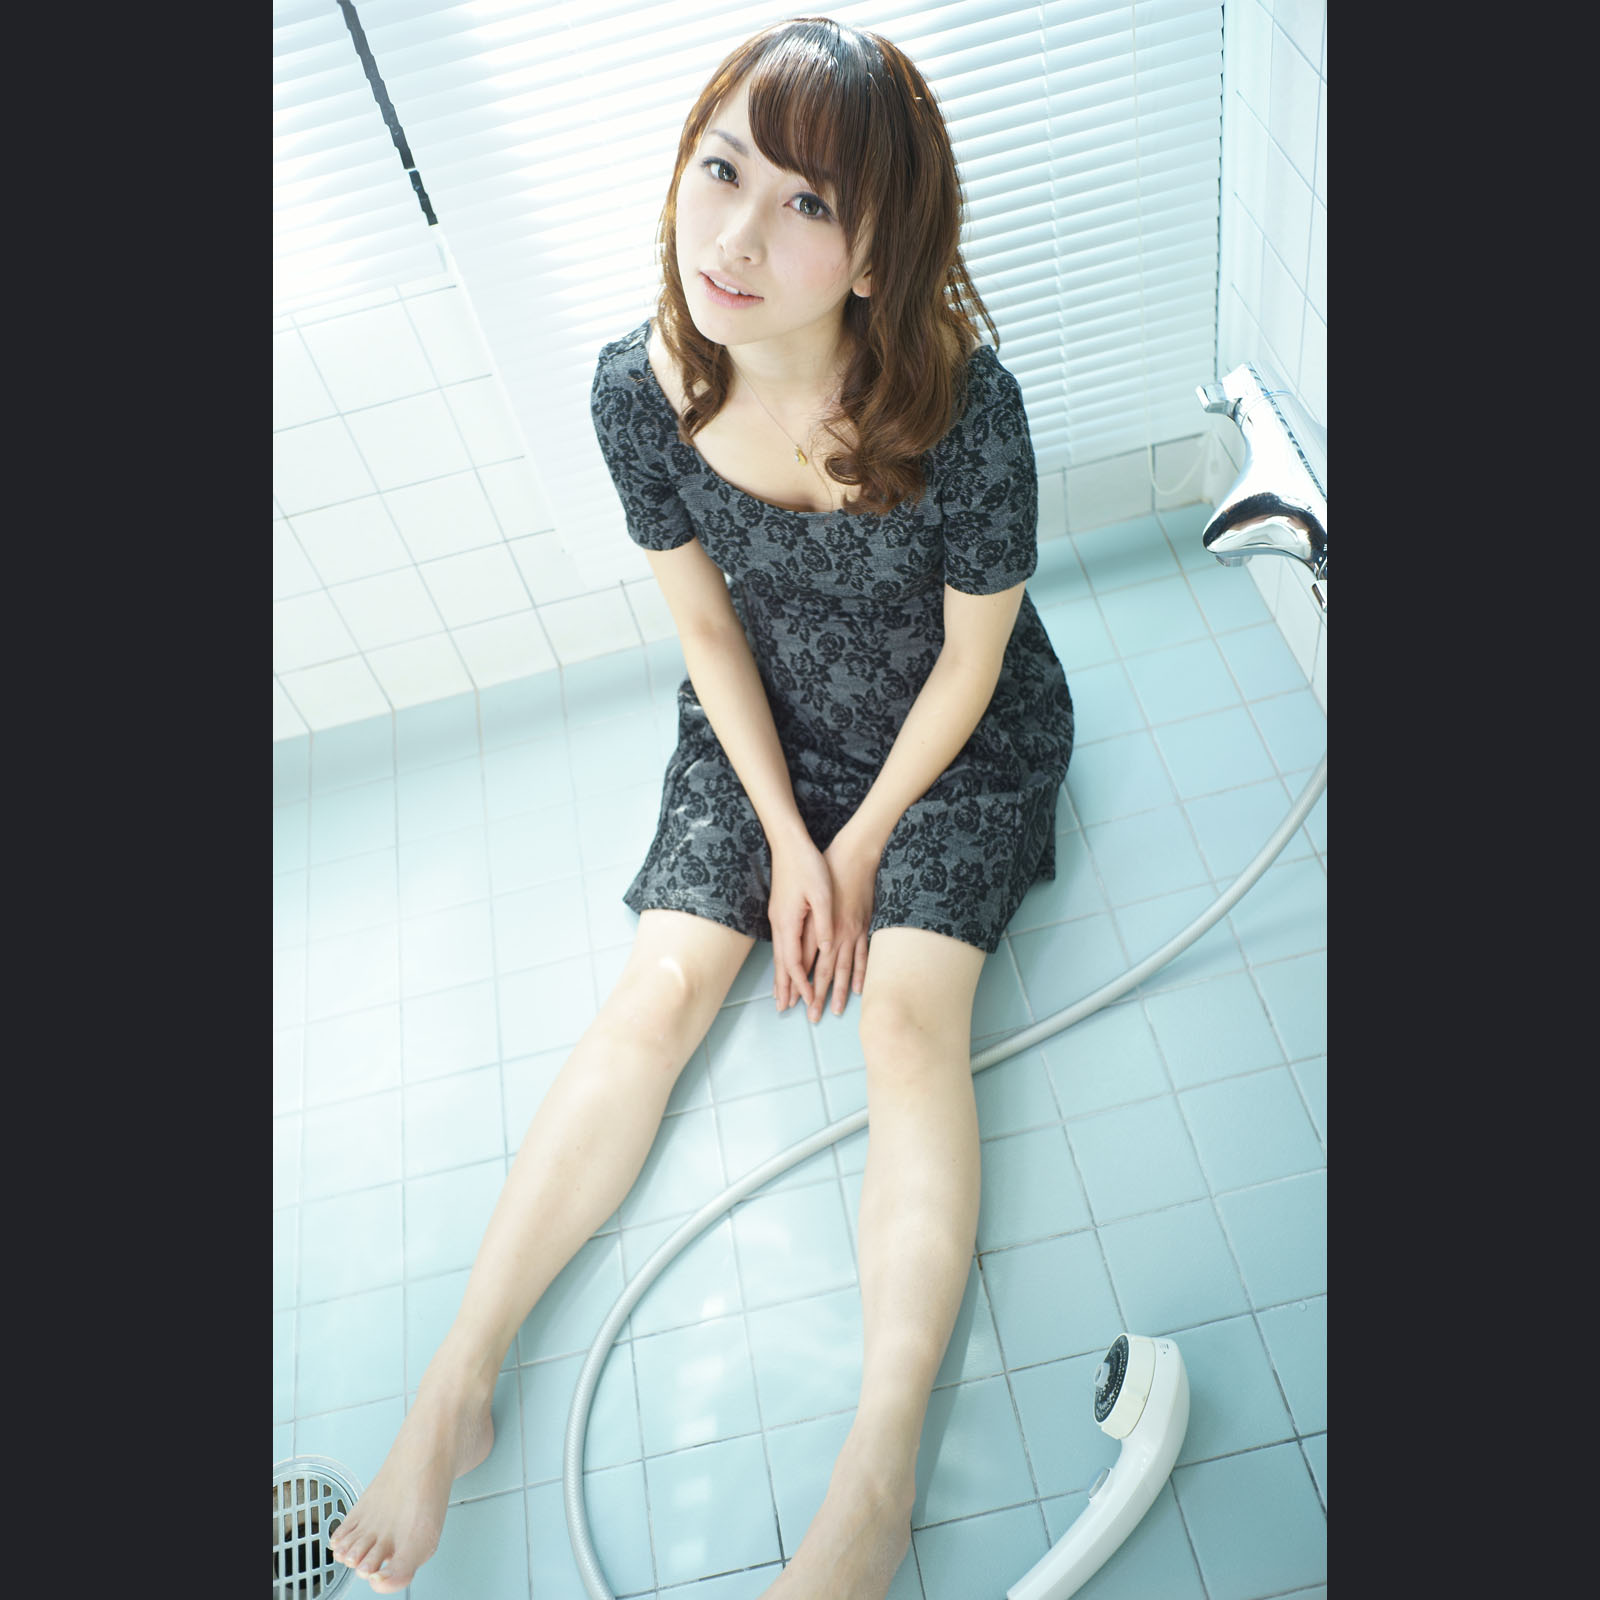 f0269385_9385431.jpg